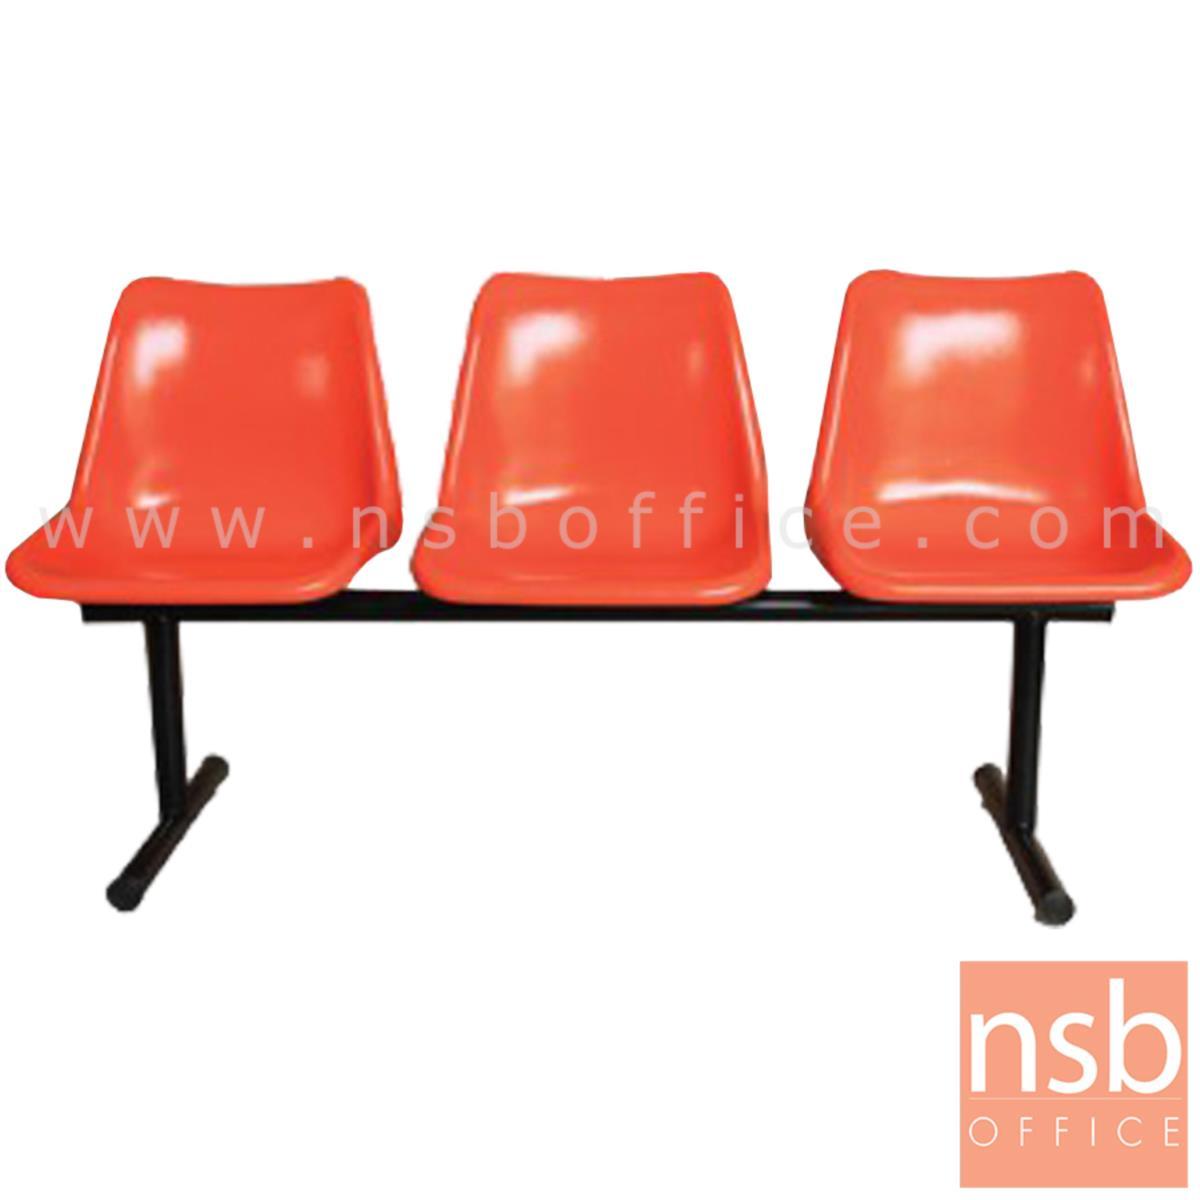 B06A003:เก้าอี้นั่งคอยเฟรมโพลี่  รุ่น Lucinda (ลูซินด้า) 2 ,3 ,4 ,5 ที่นั่ง ขนาด 98W ,150W ,203W 253W cm. ขาเหล็กท่อกลม